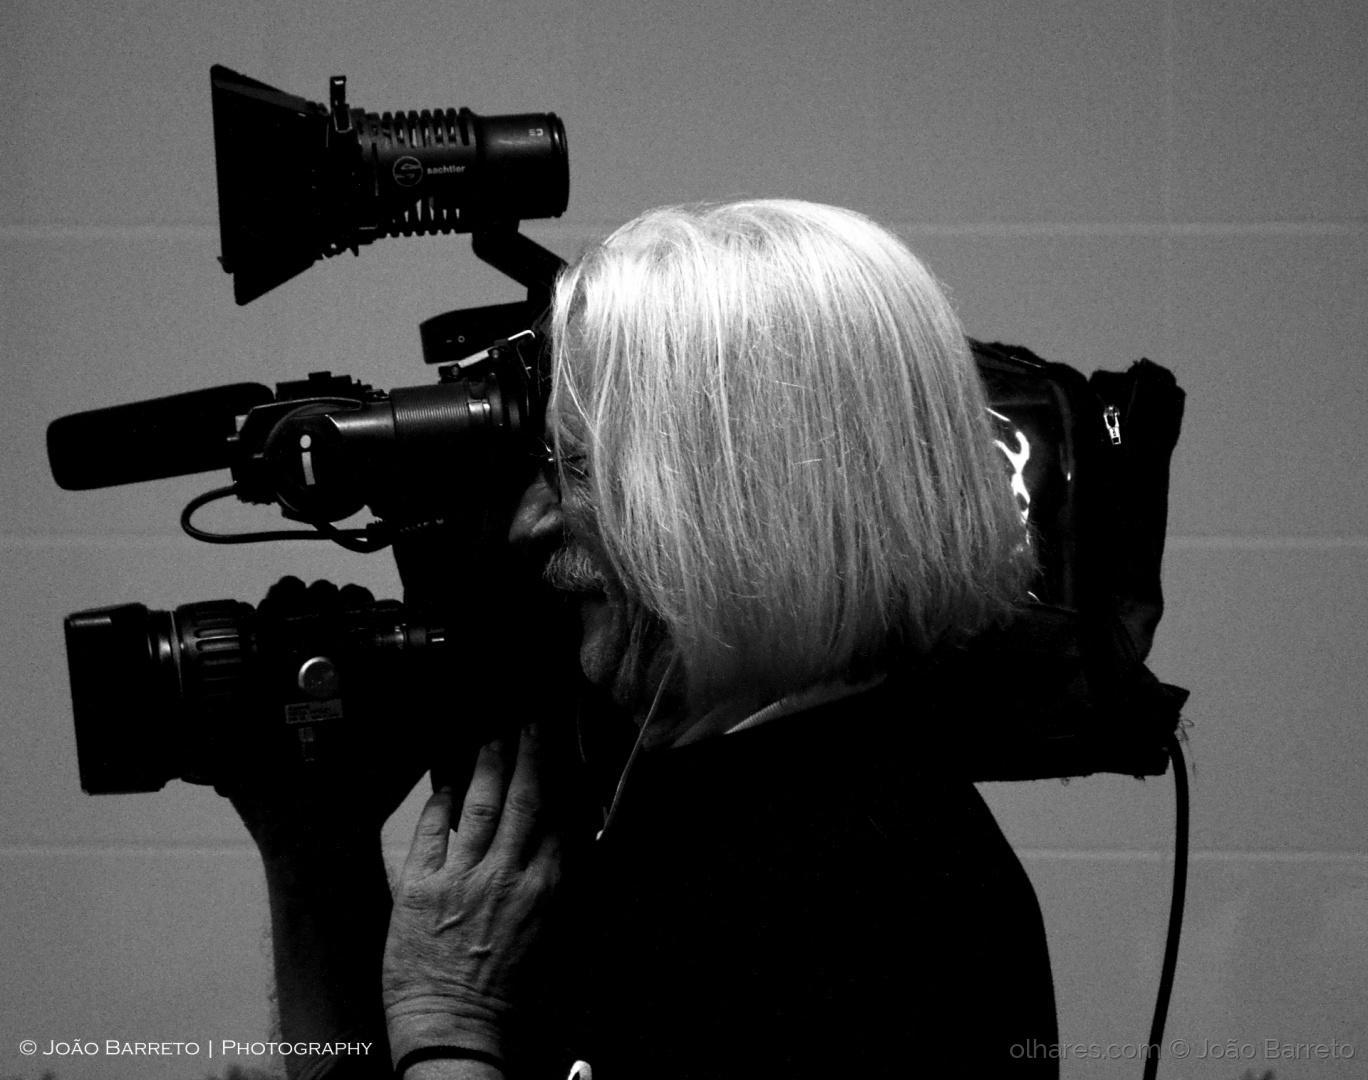 Fotojornalismo/Reportagem